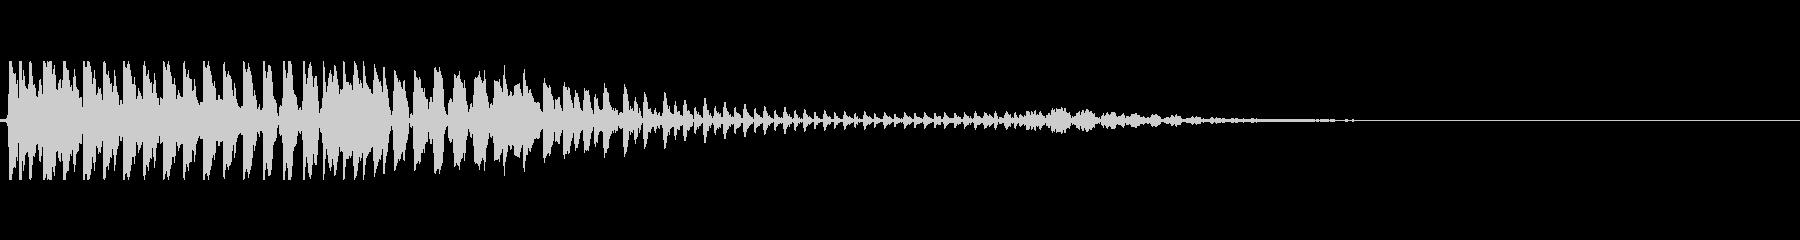 ポヨン 口琴の未再生の波形